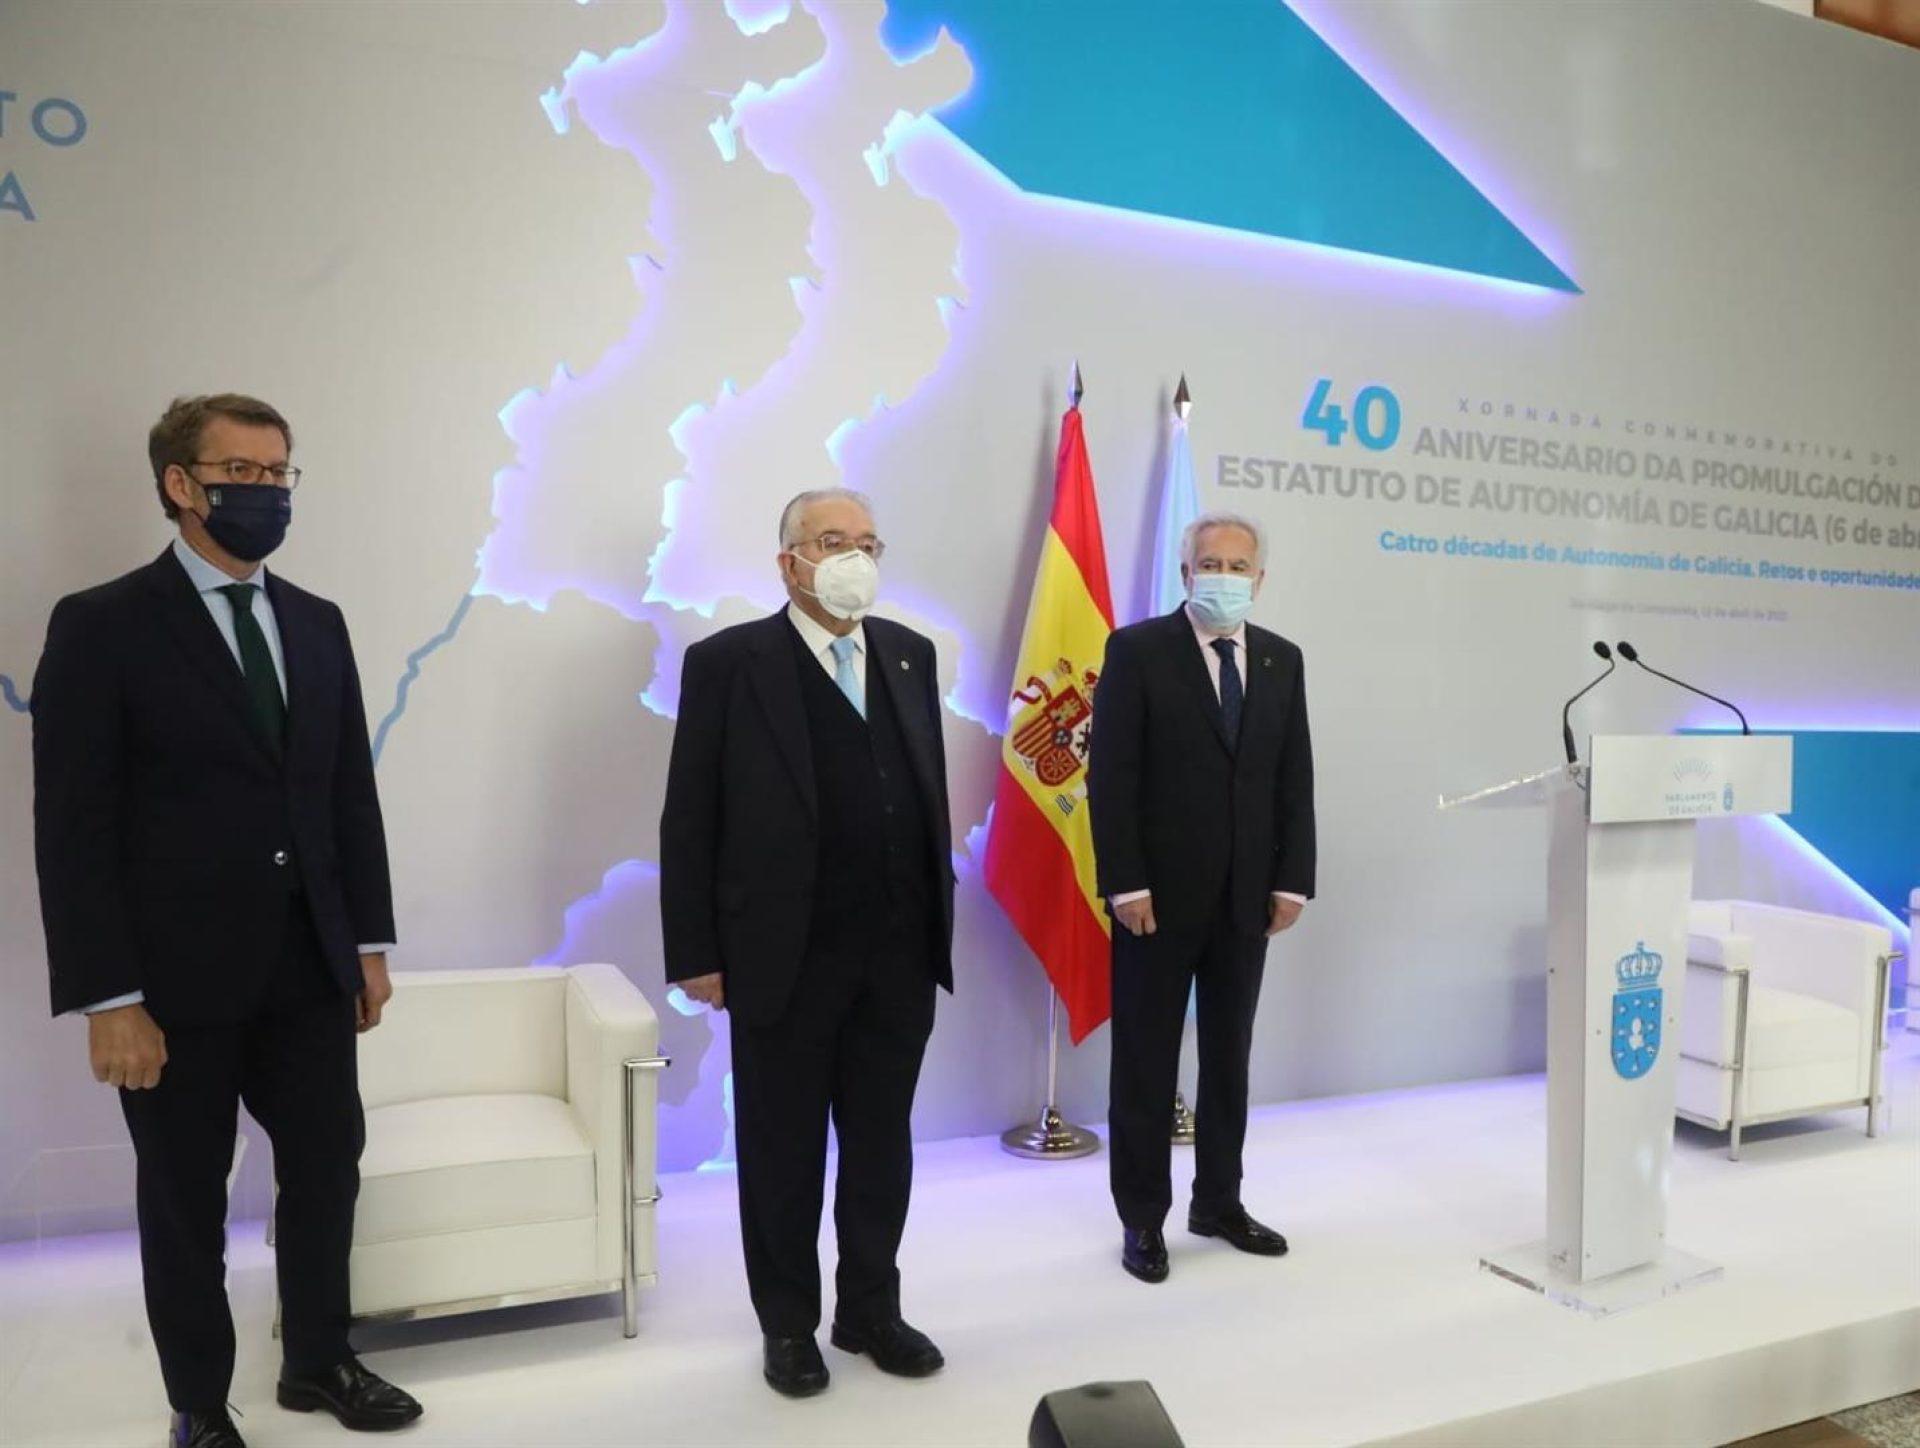 Presidentes XuntaConstitucionalParlamento (Large)